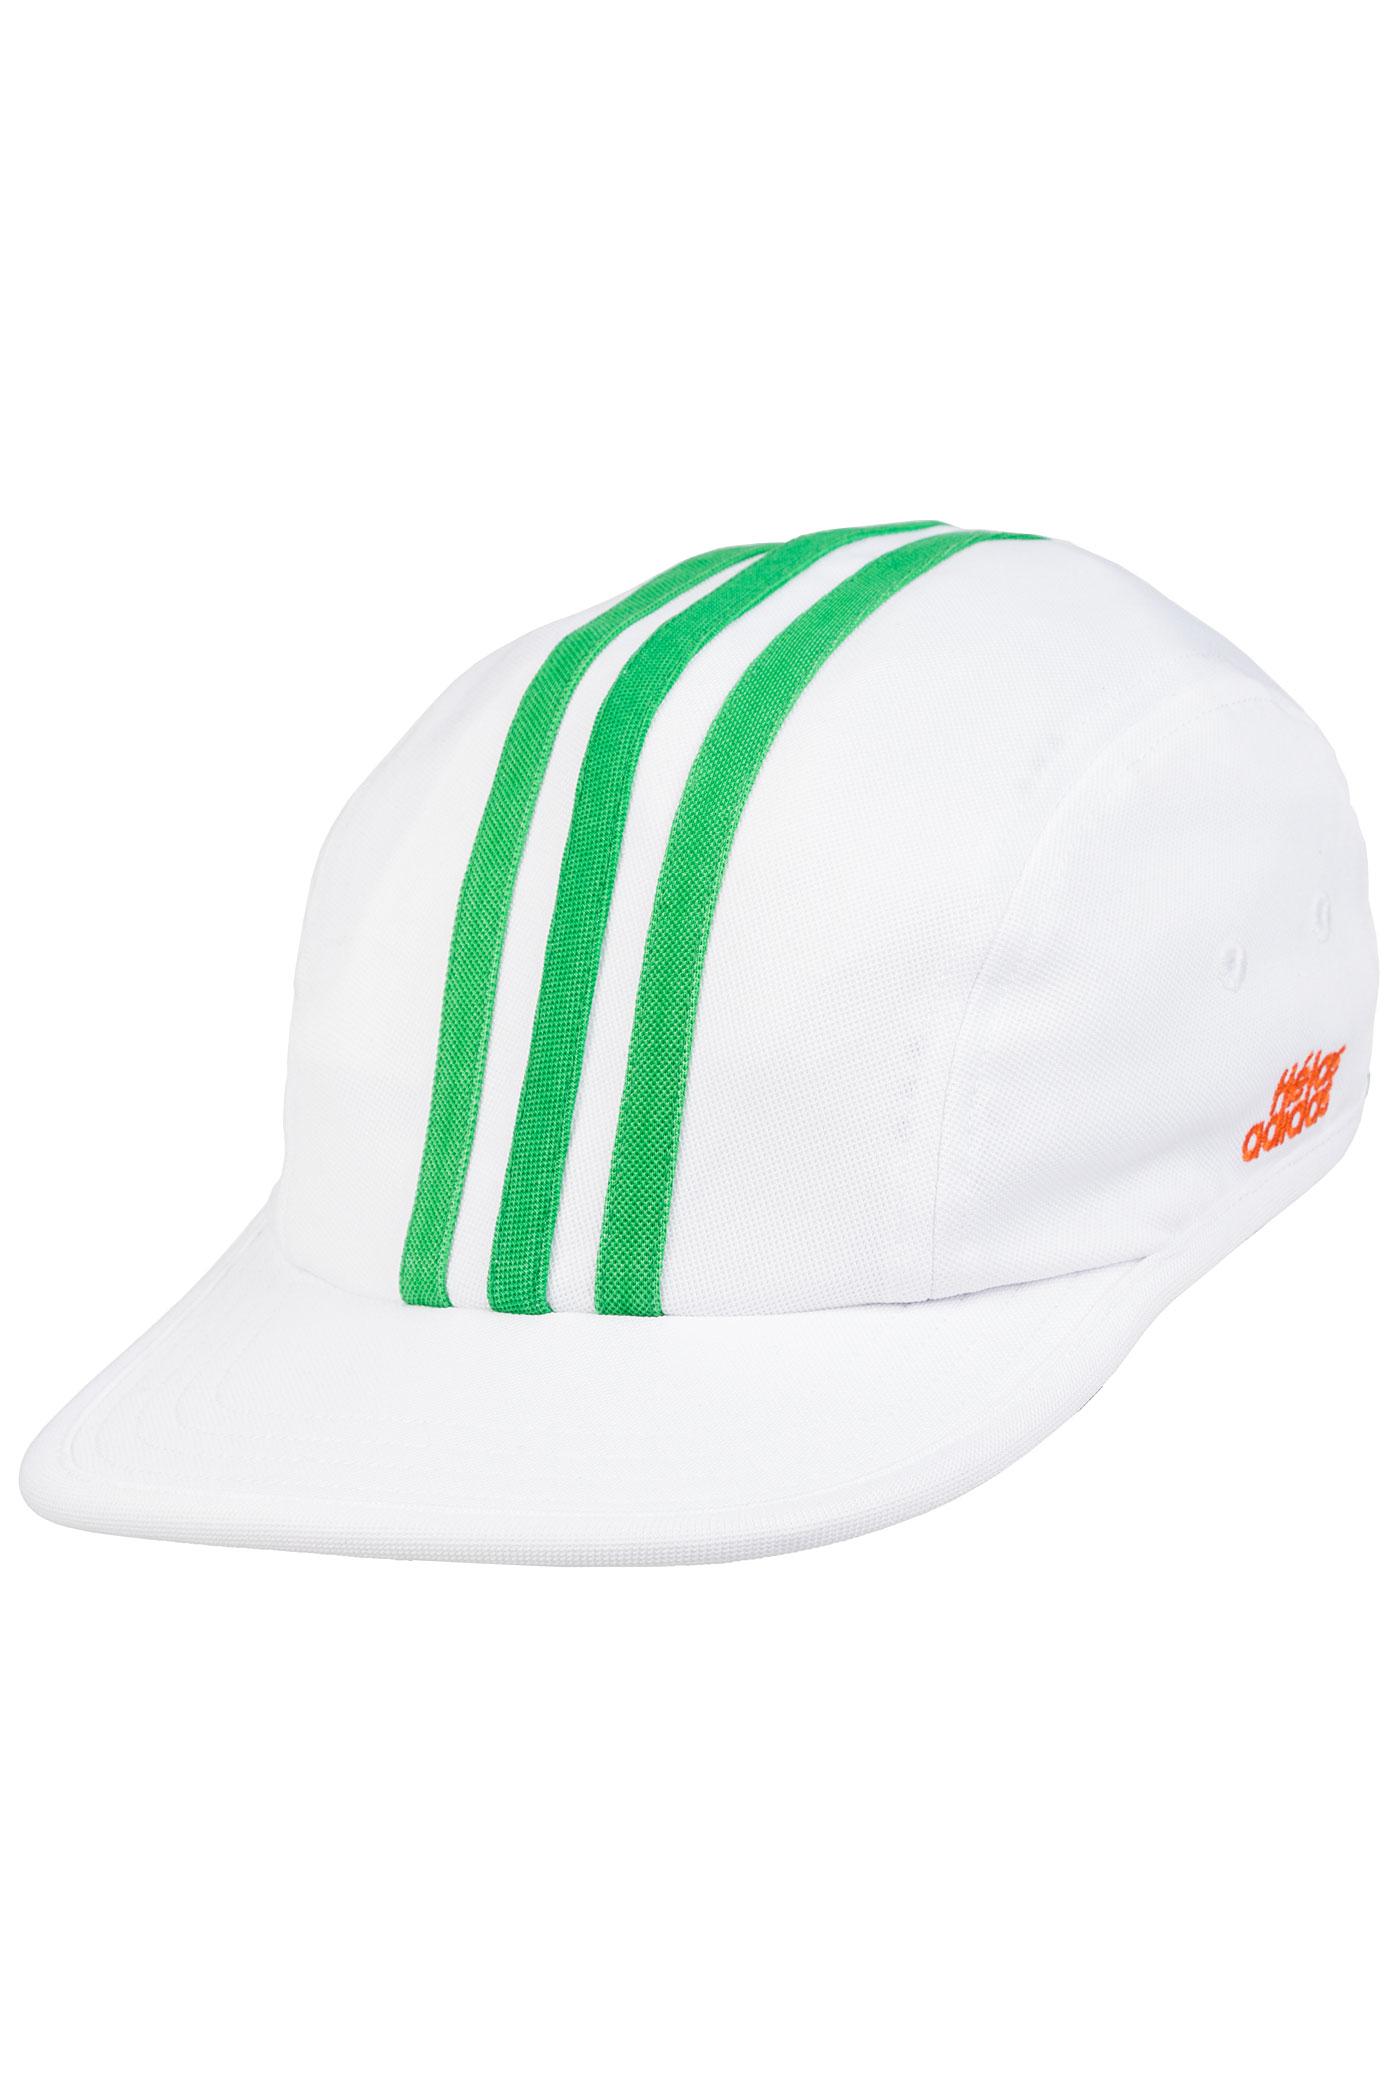 X - Collab Die Brandneue Deal Adidas Hélas EW0Z4q